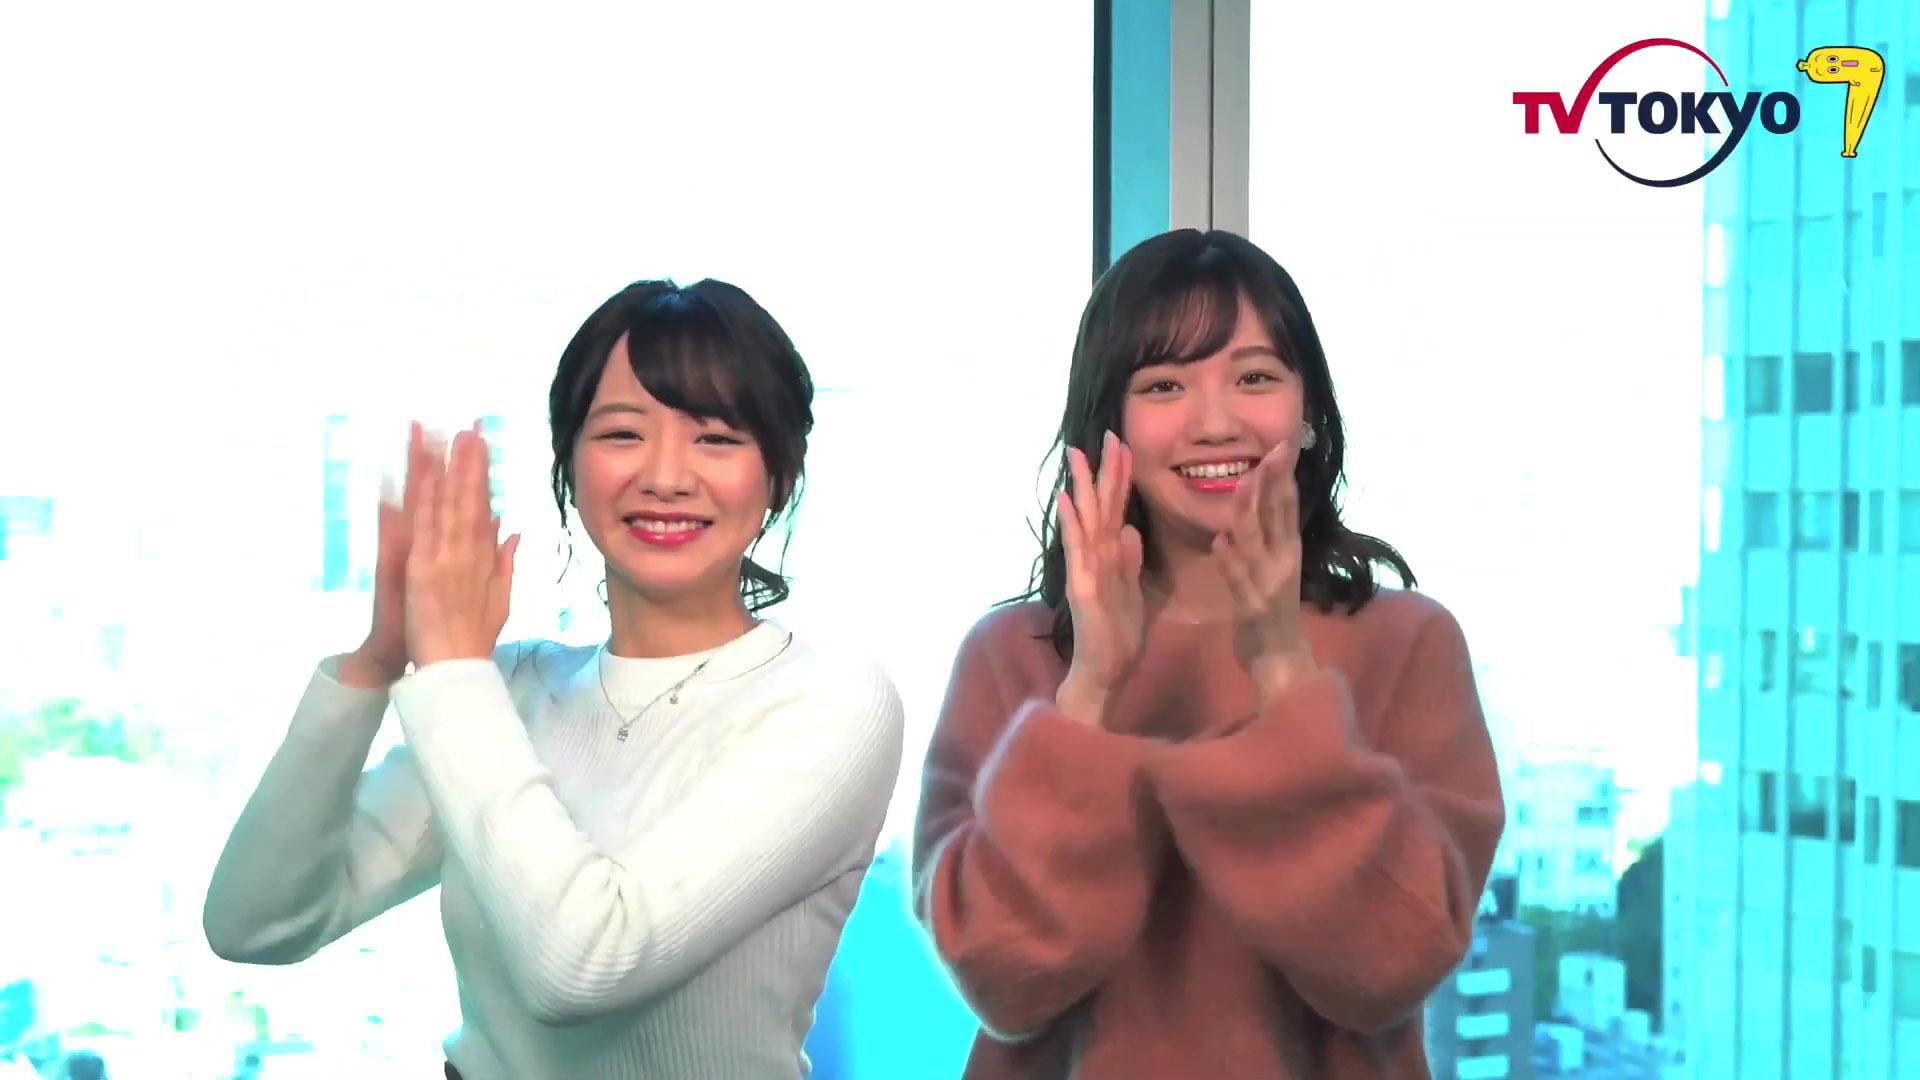 森香澄_田中瞳_女子アナ_テレ東_テレビキャプ画像_08